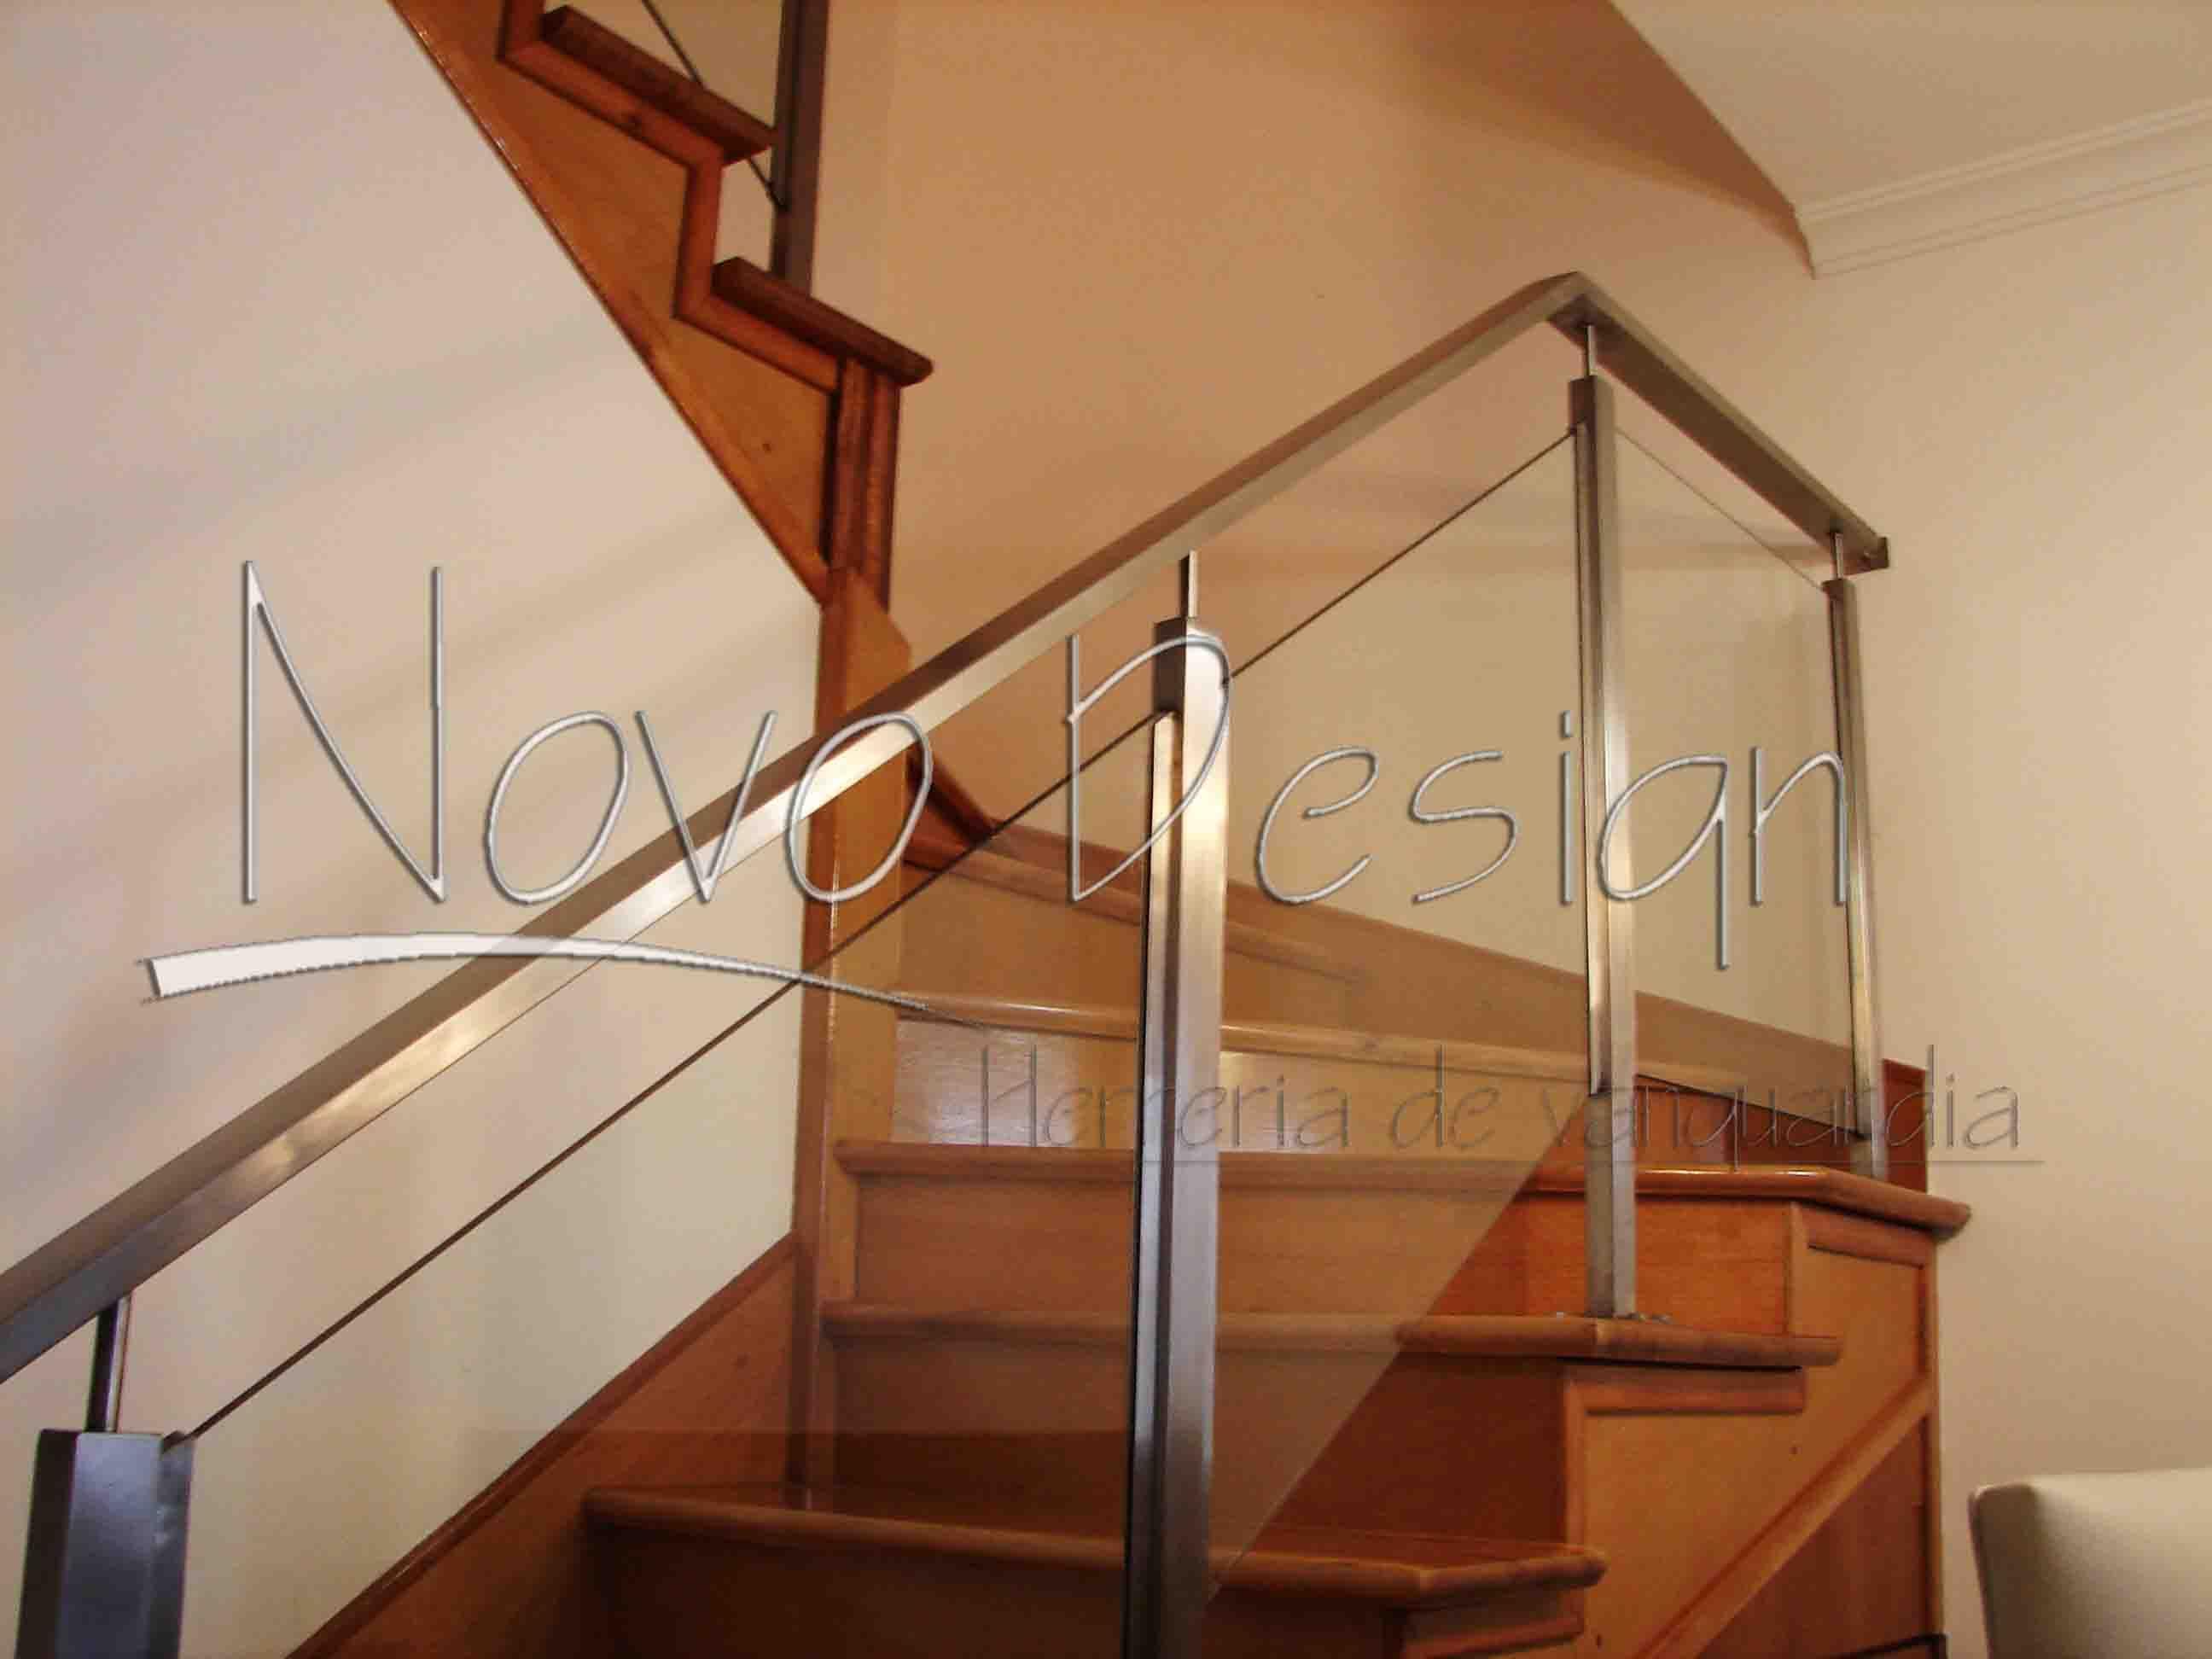 Barandas acero inoxidable y vidrio mod 8 venta de - Escaleras de cristal y madera ...